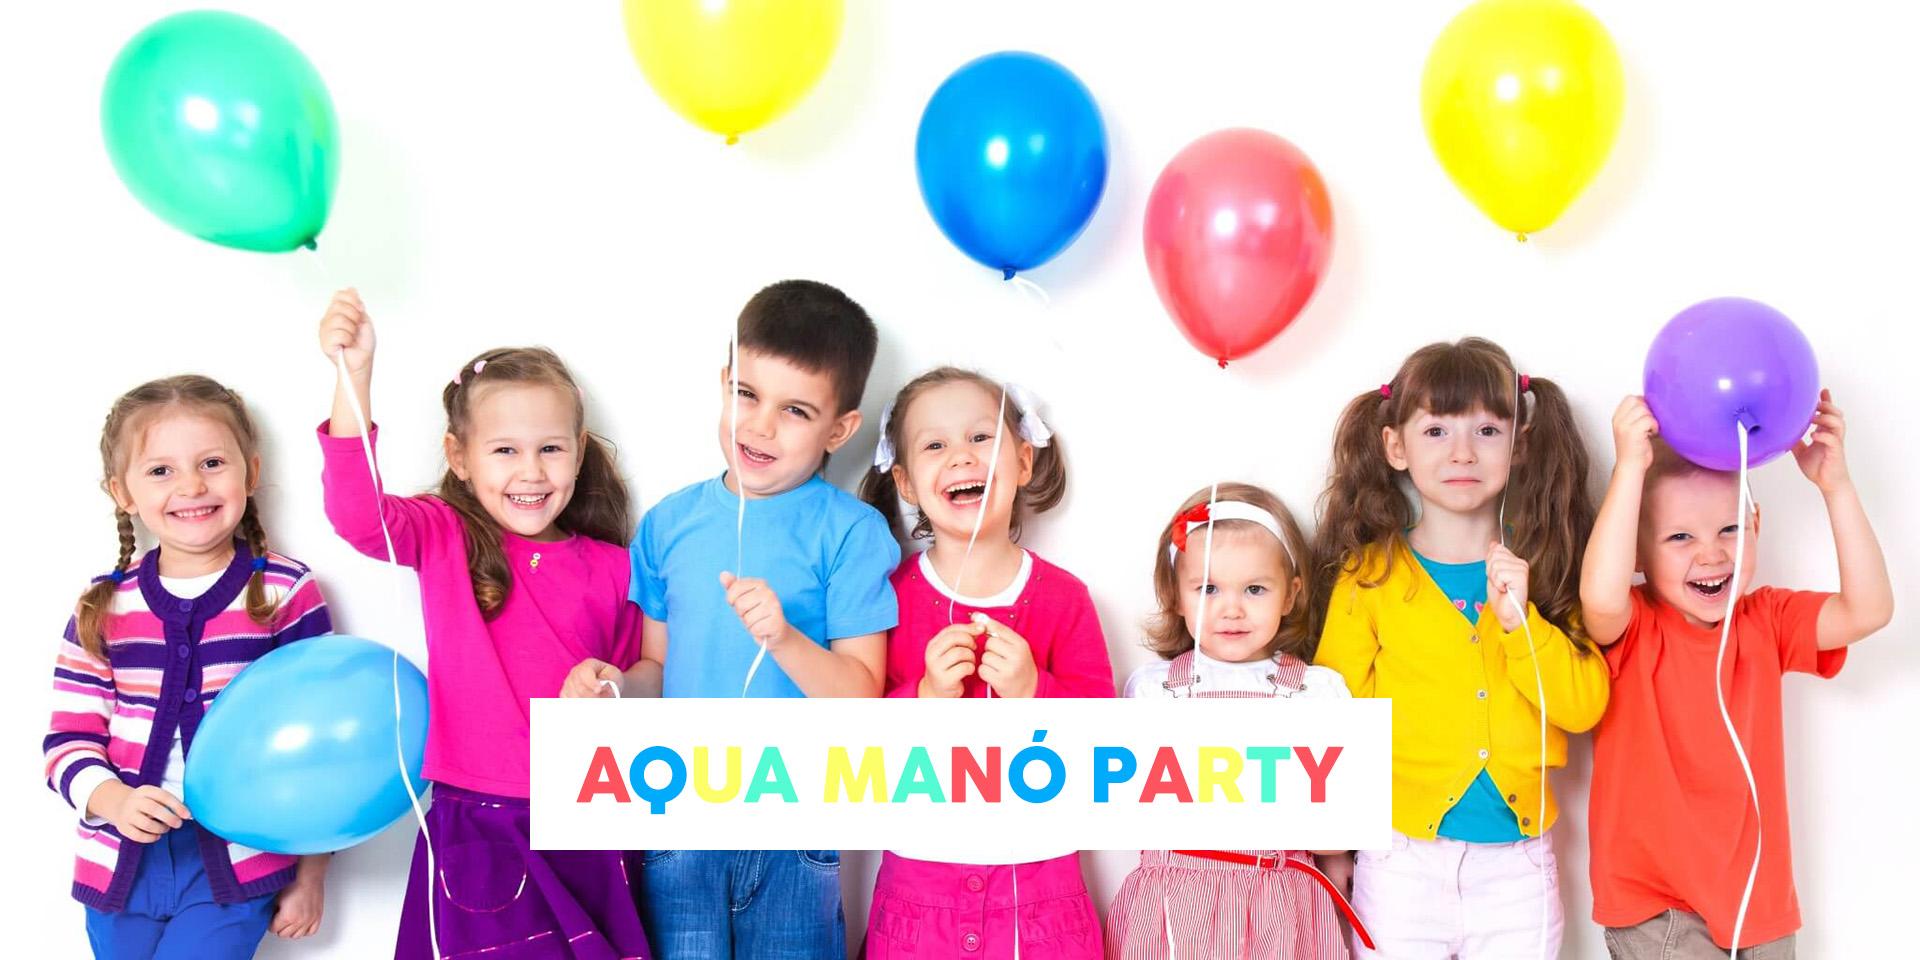 AQUA MANÓ PARTY